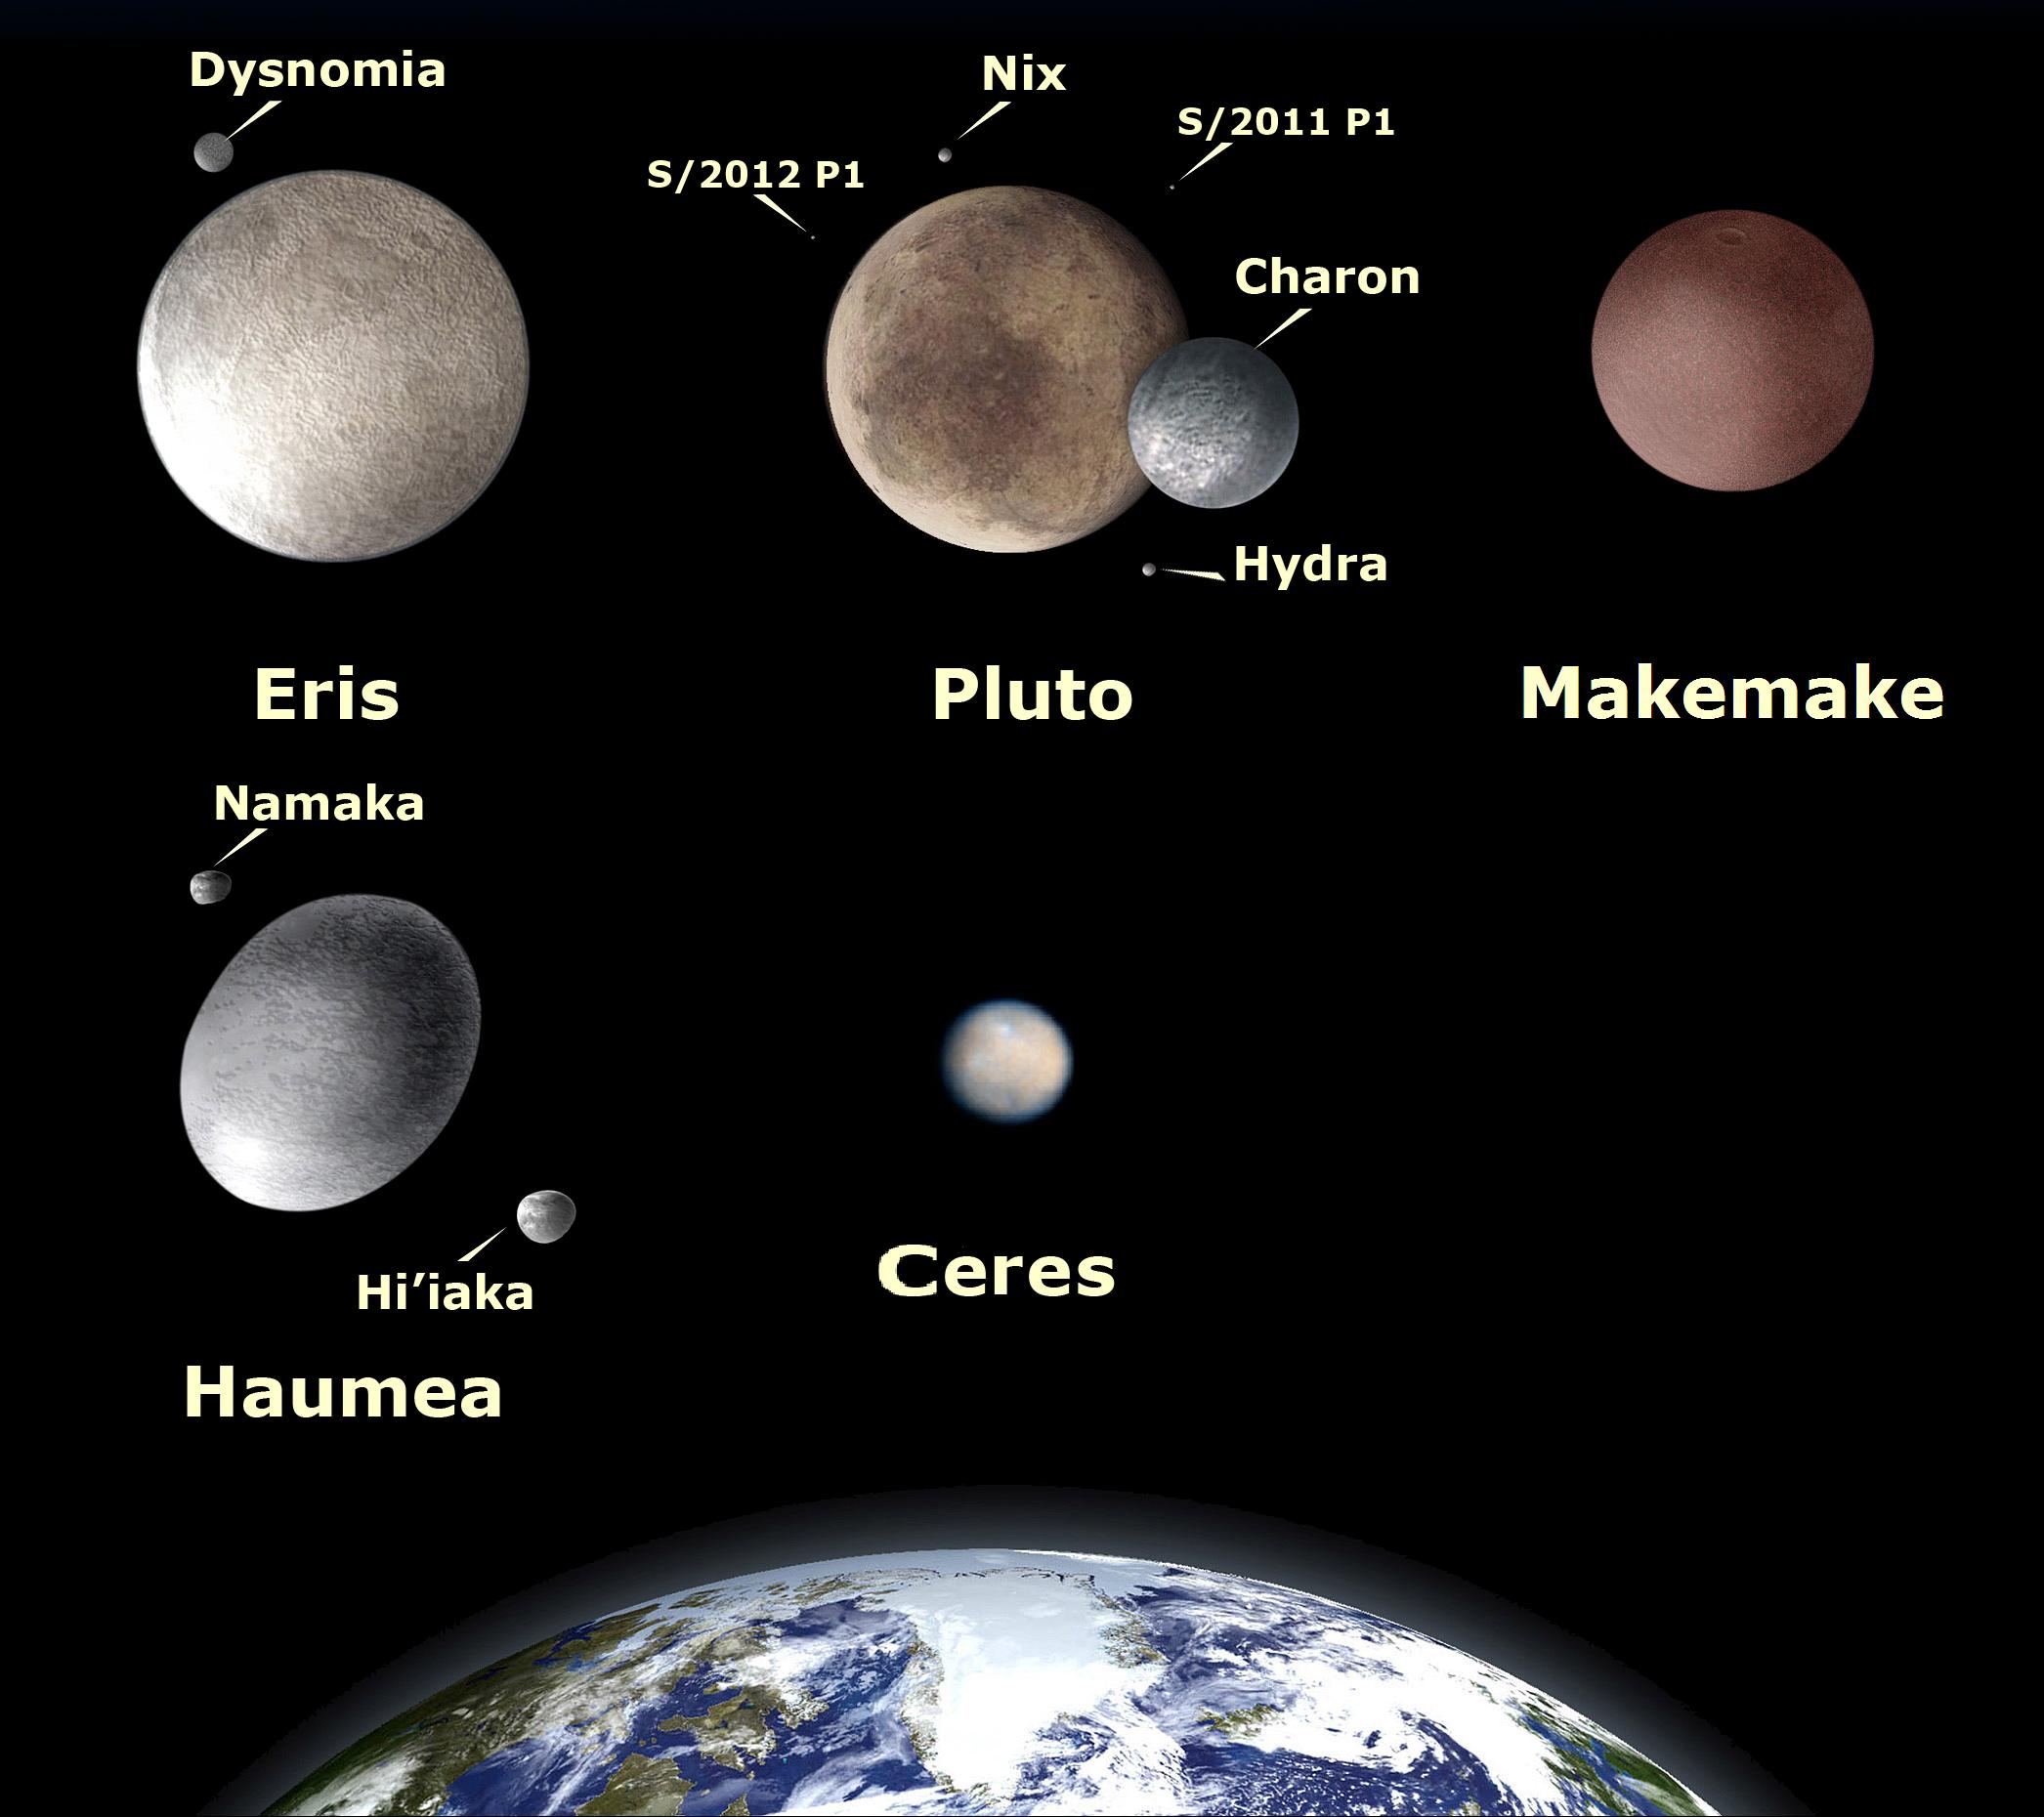 File:Dwarfplanets5.png - Wikimedia Commons